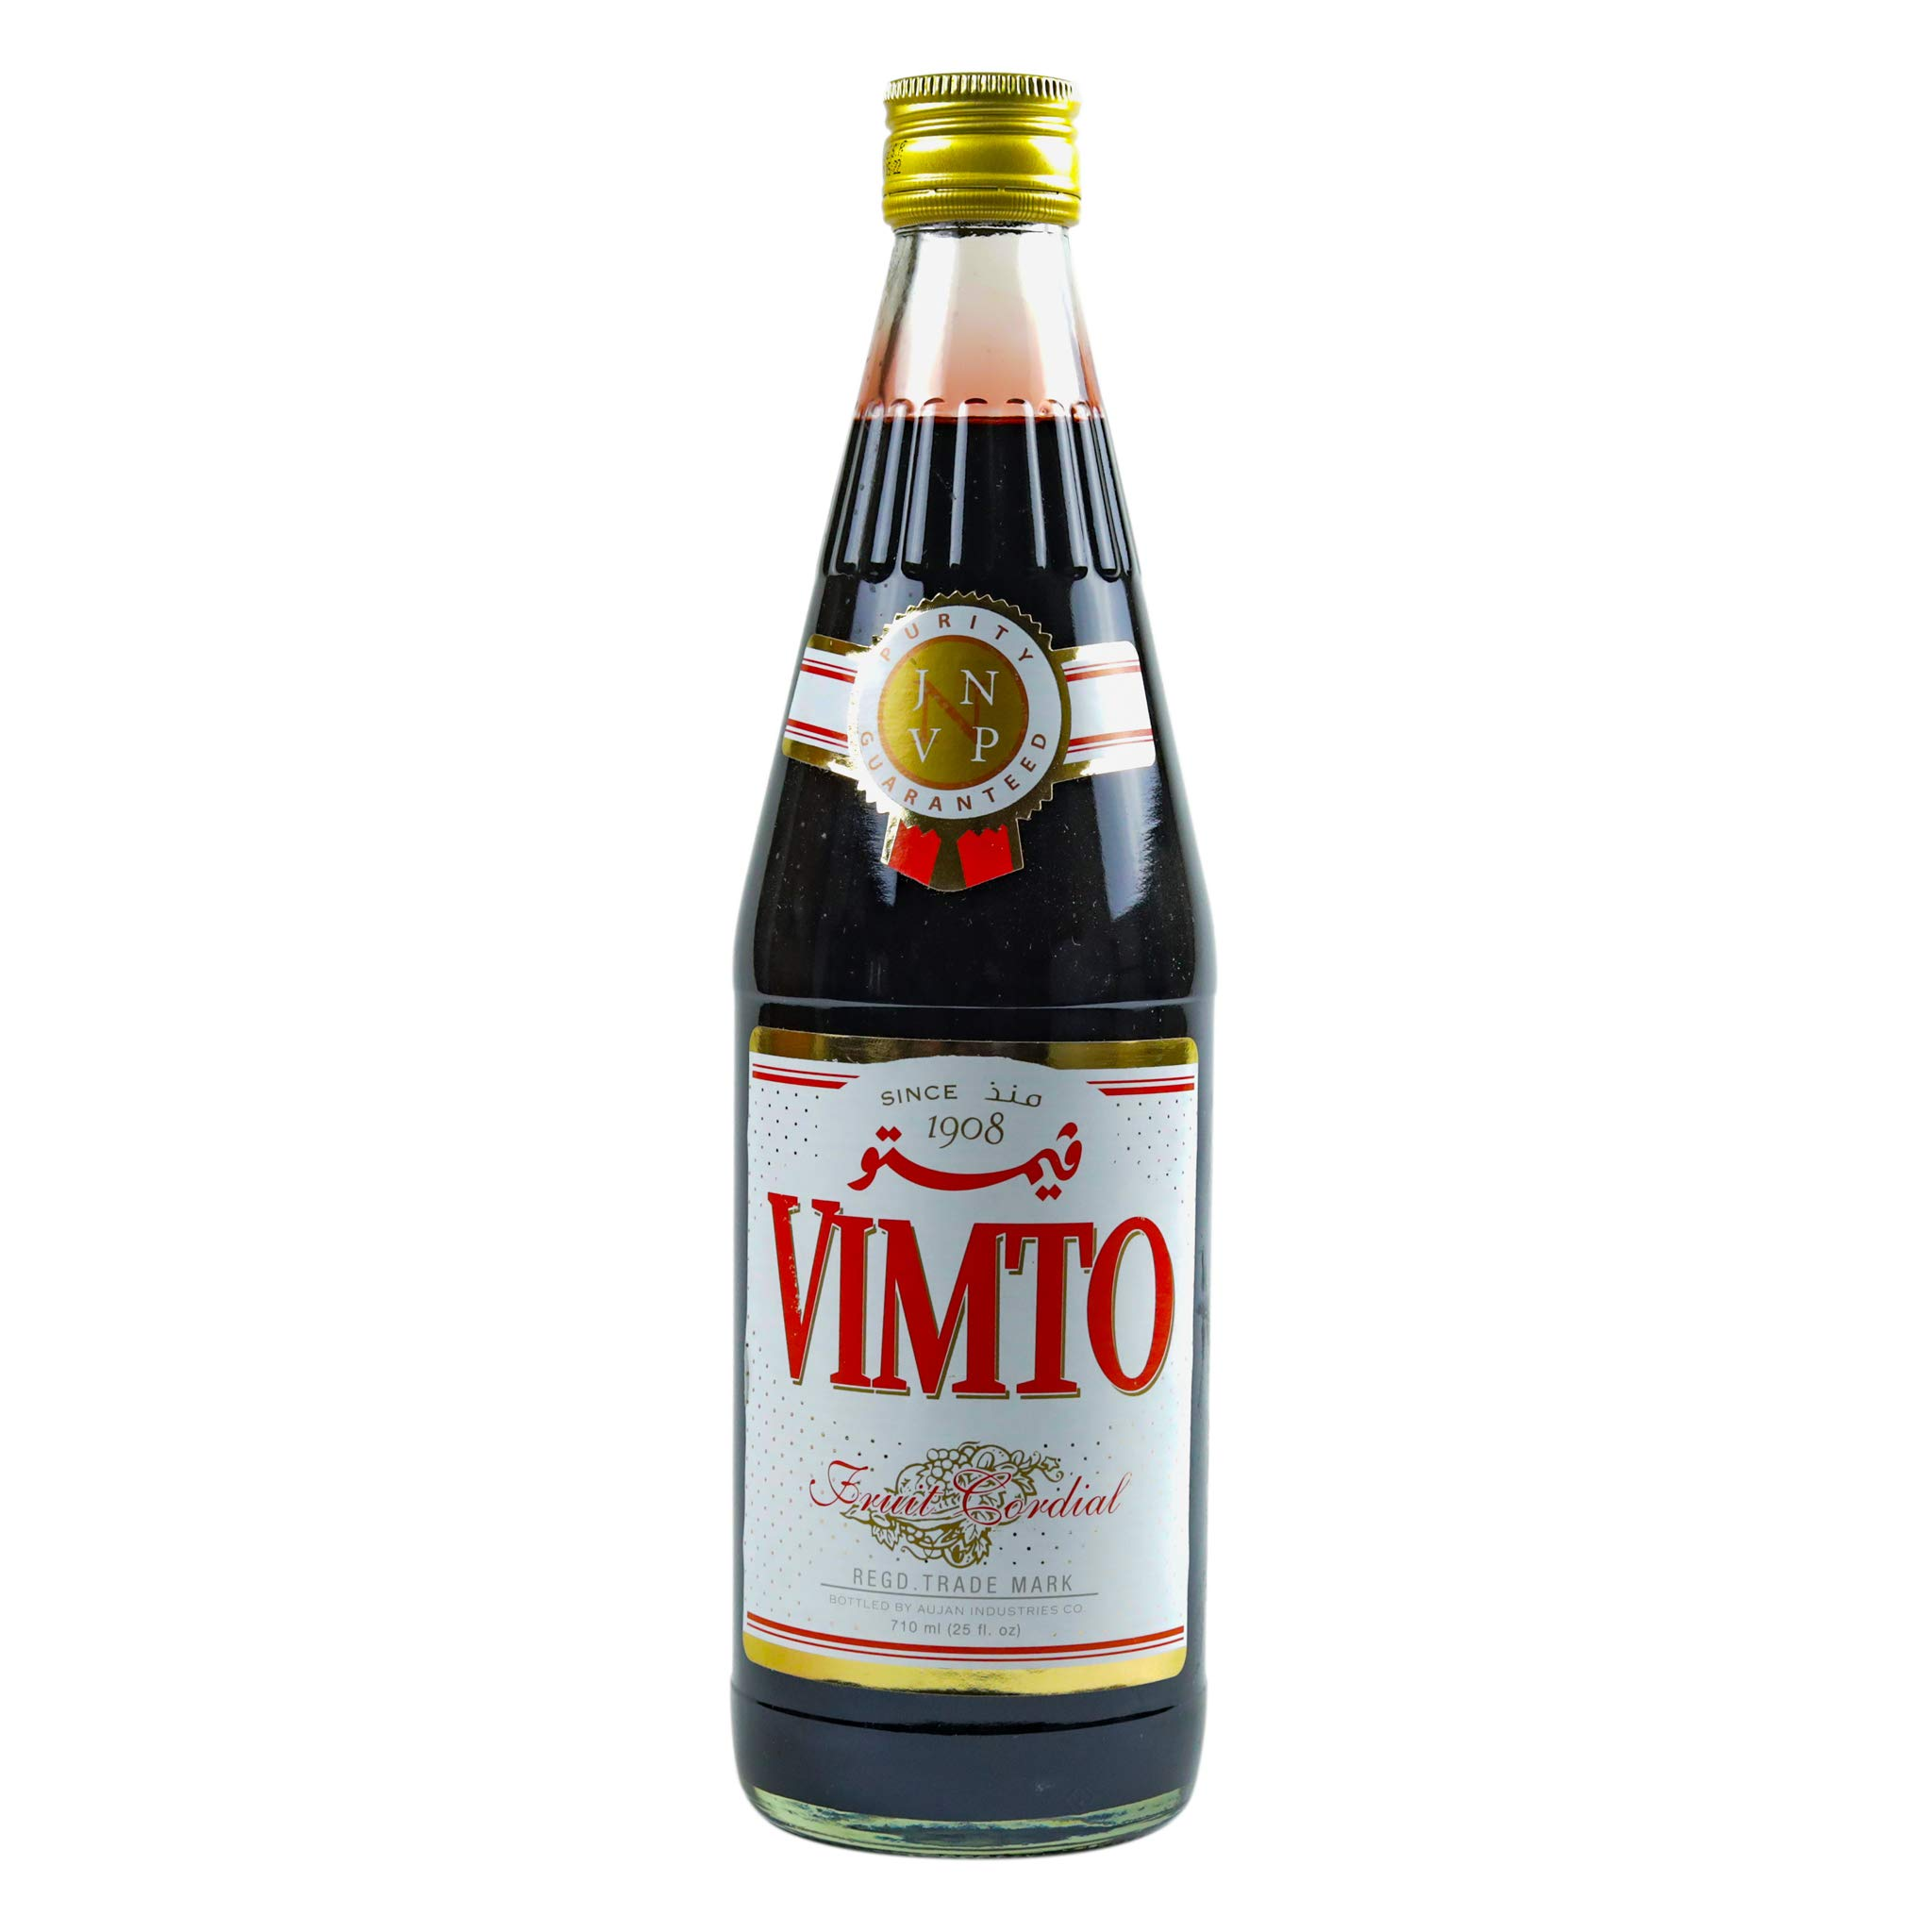 Saudi Vimto Syrup 24 fl oz (710 ml) Bottle